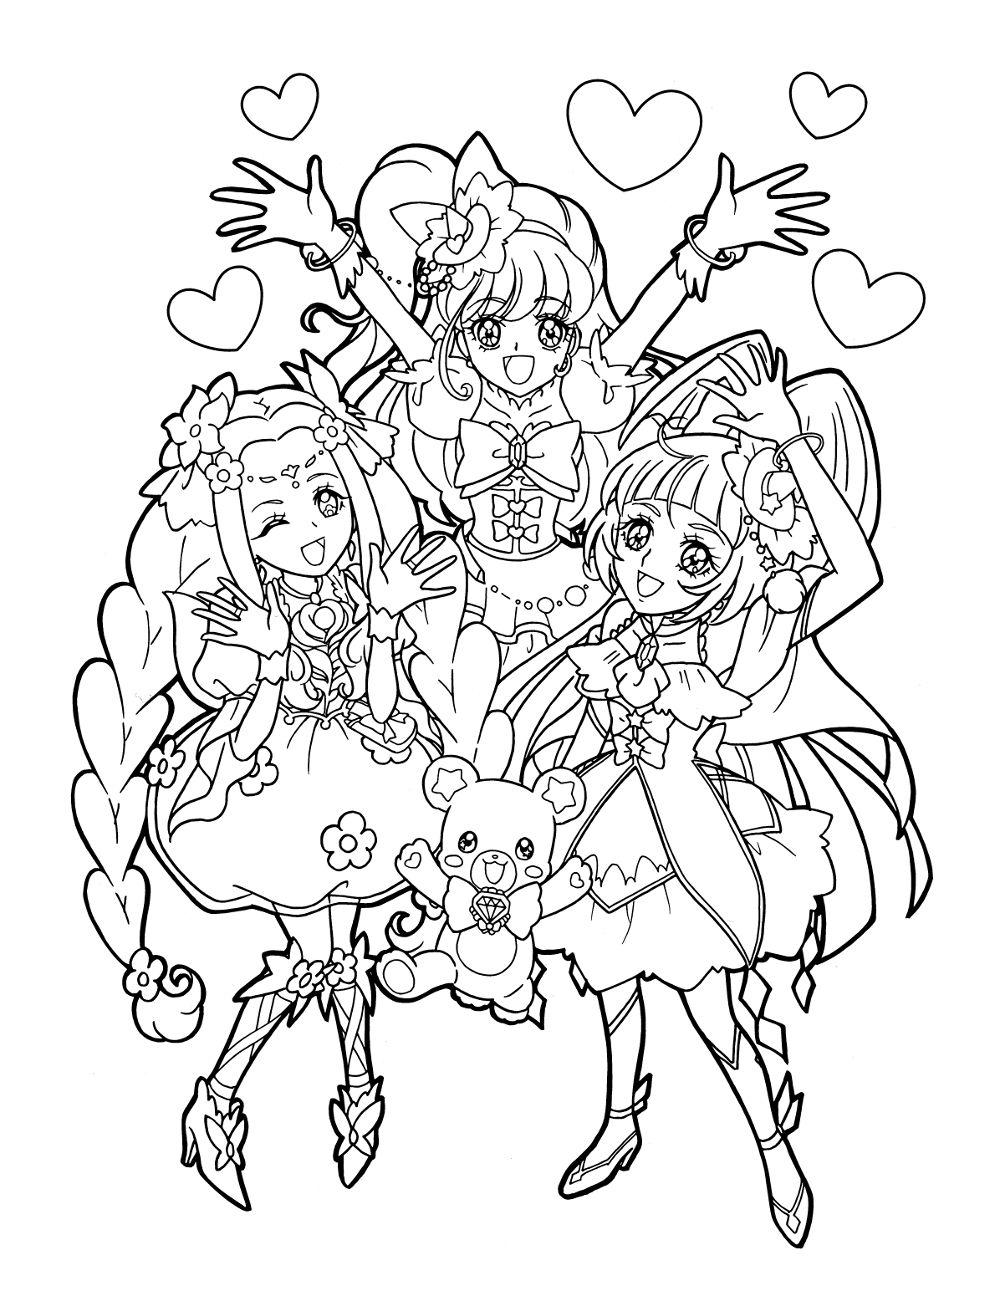 Pretty Cure 塗り絵 Dibujos